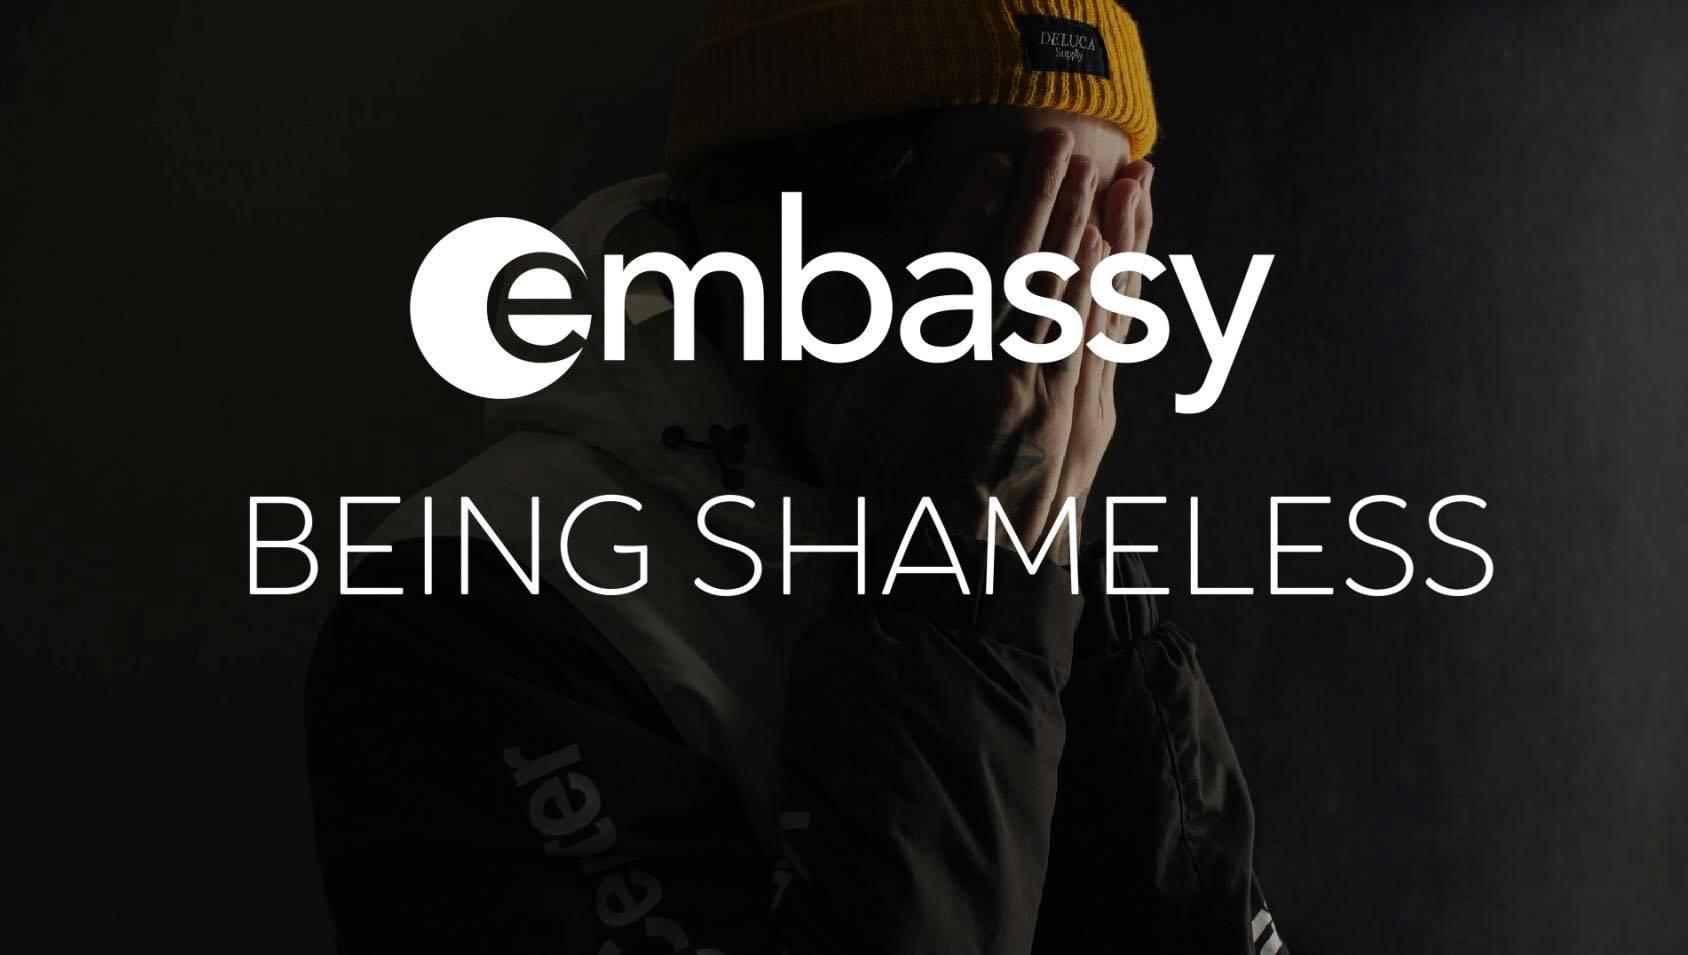 Being Shameless